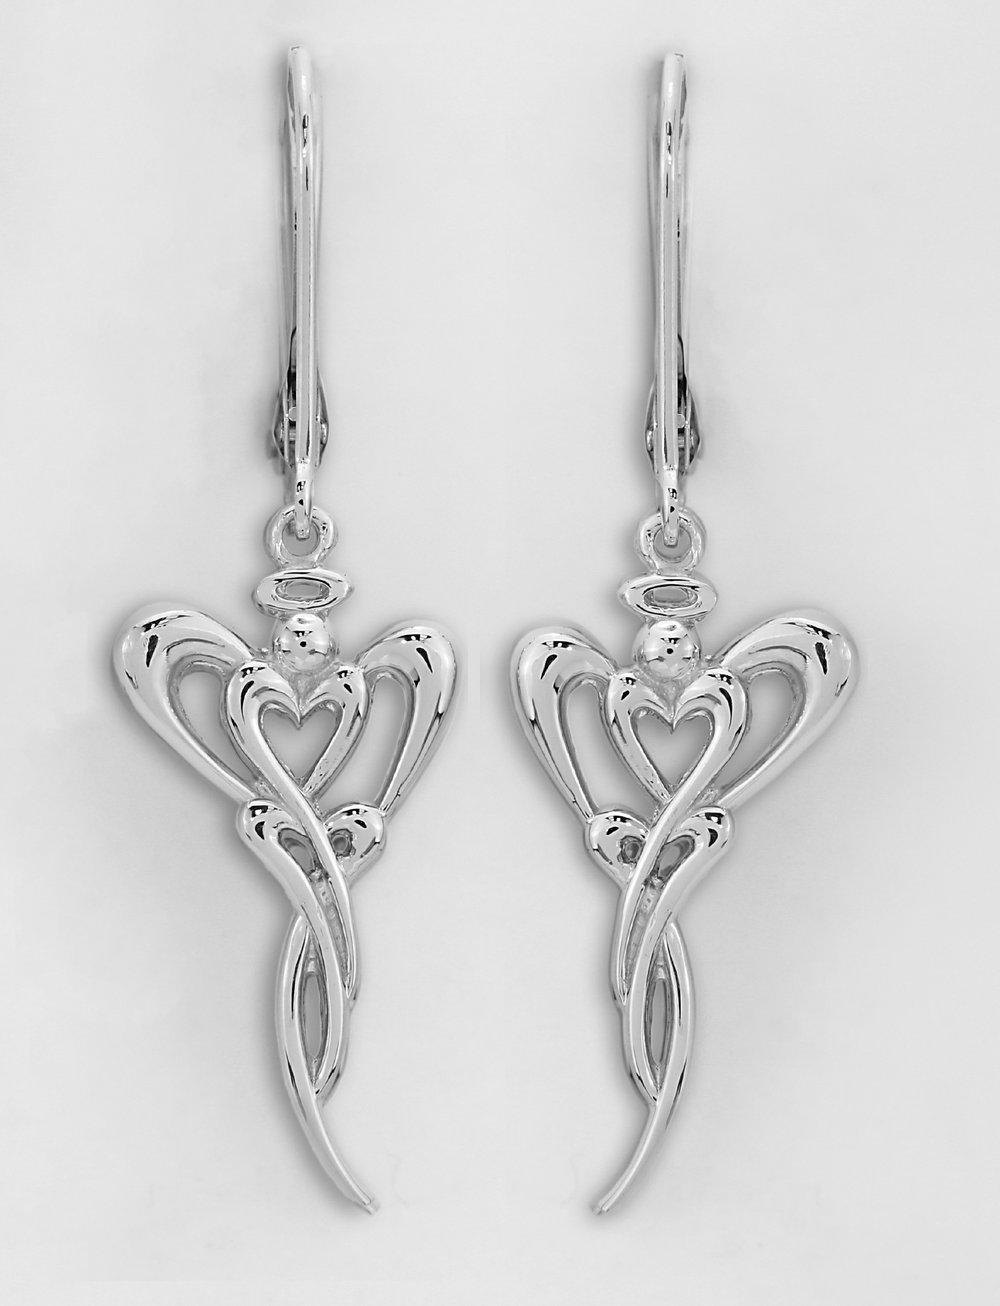 14kt White Gold Earrings